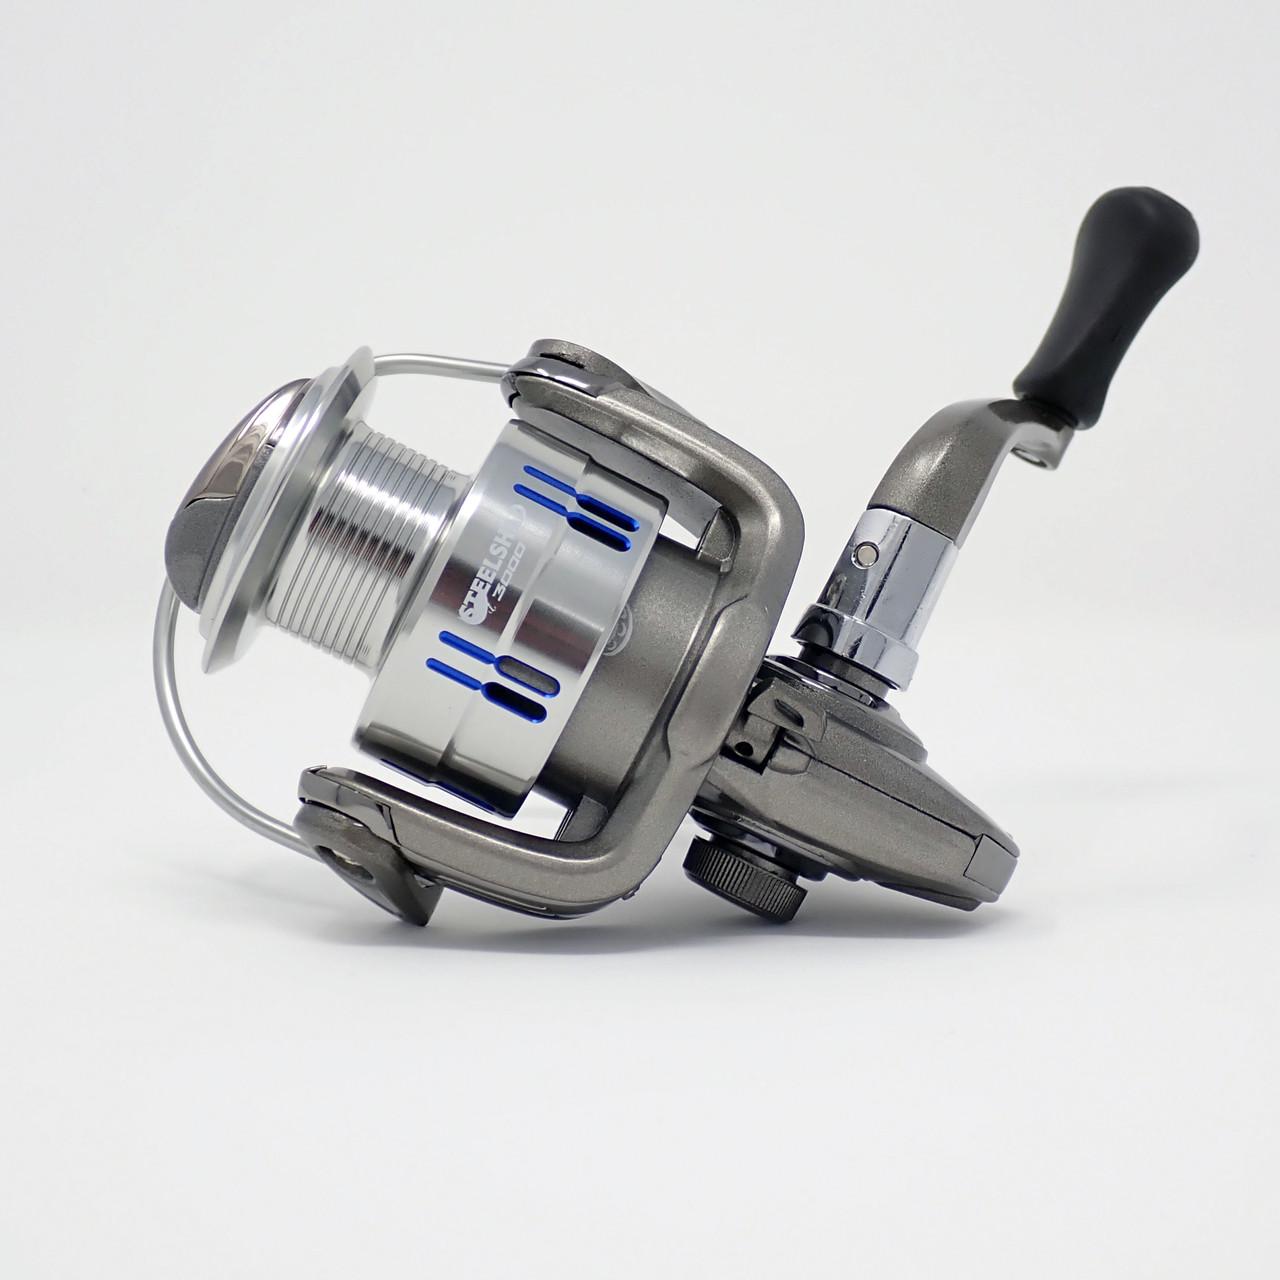 SteelShad 3000 Series Spinning Reel